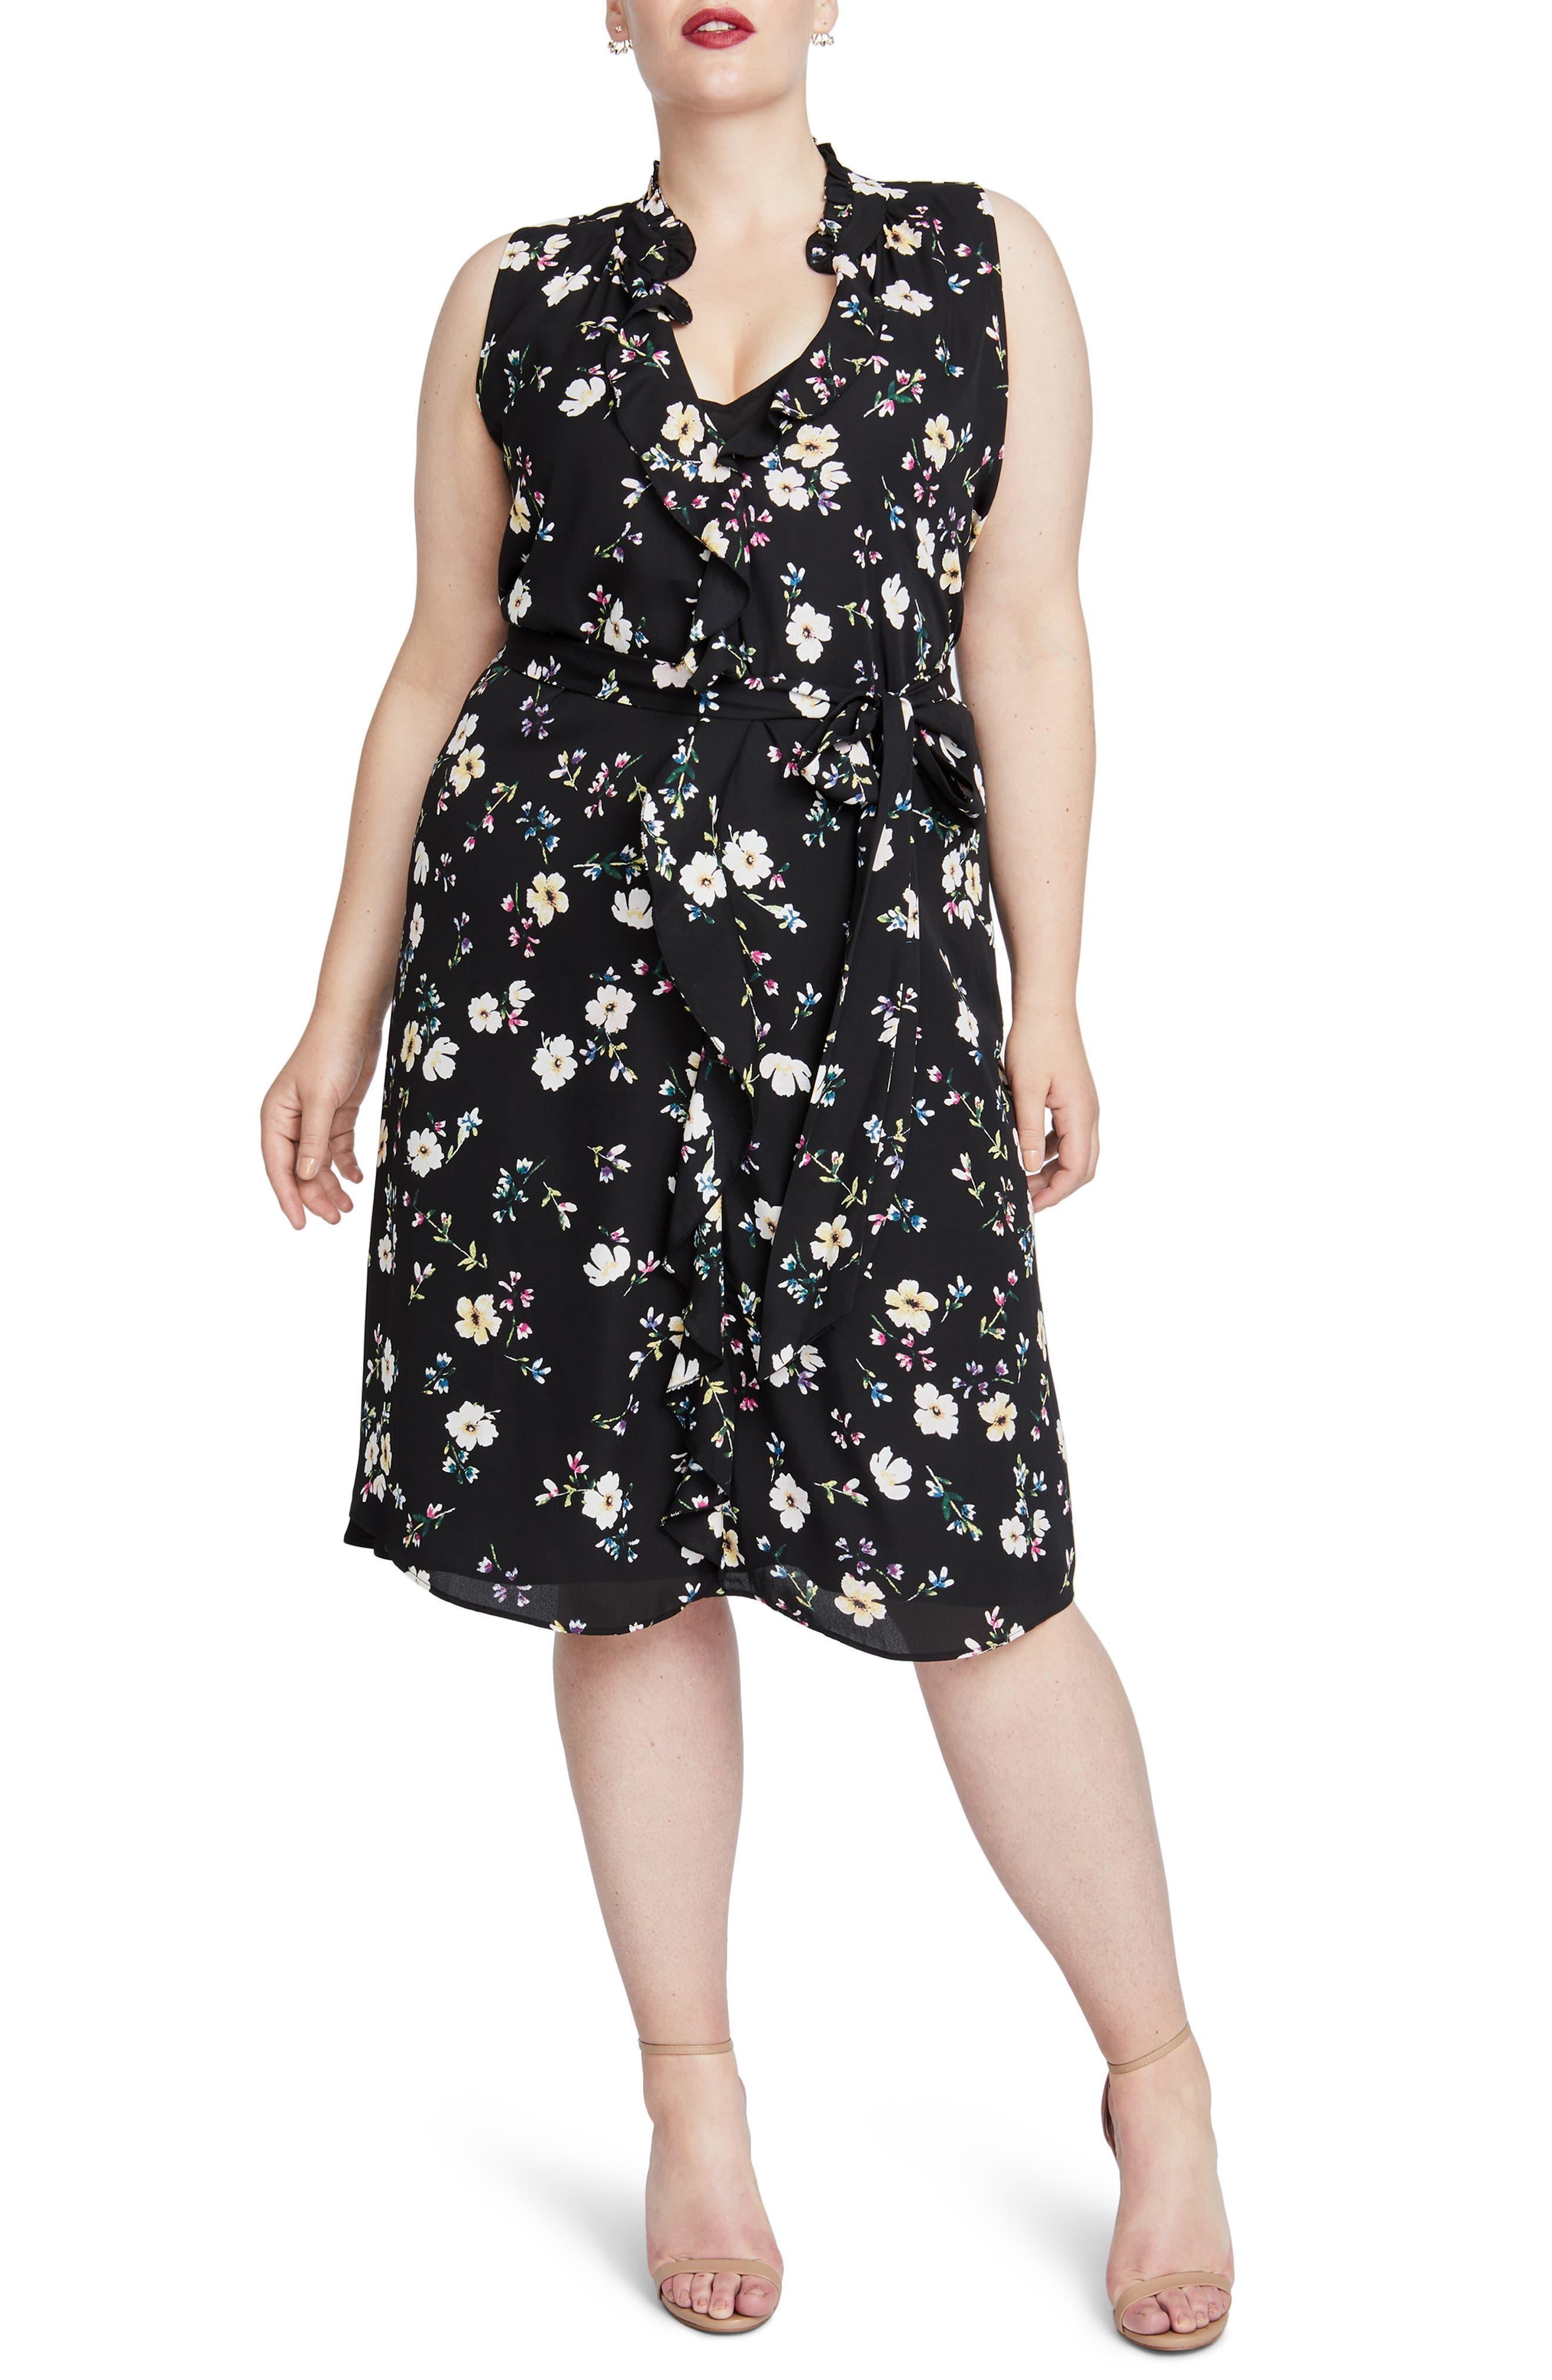 Plus Size Rachel Rachel Roy Brit Sleeveless Floral Dress, Black